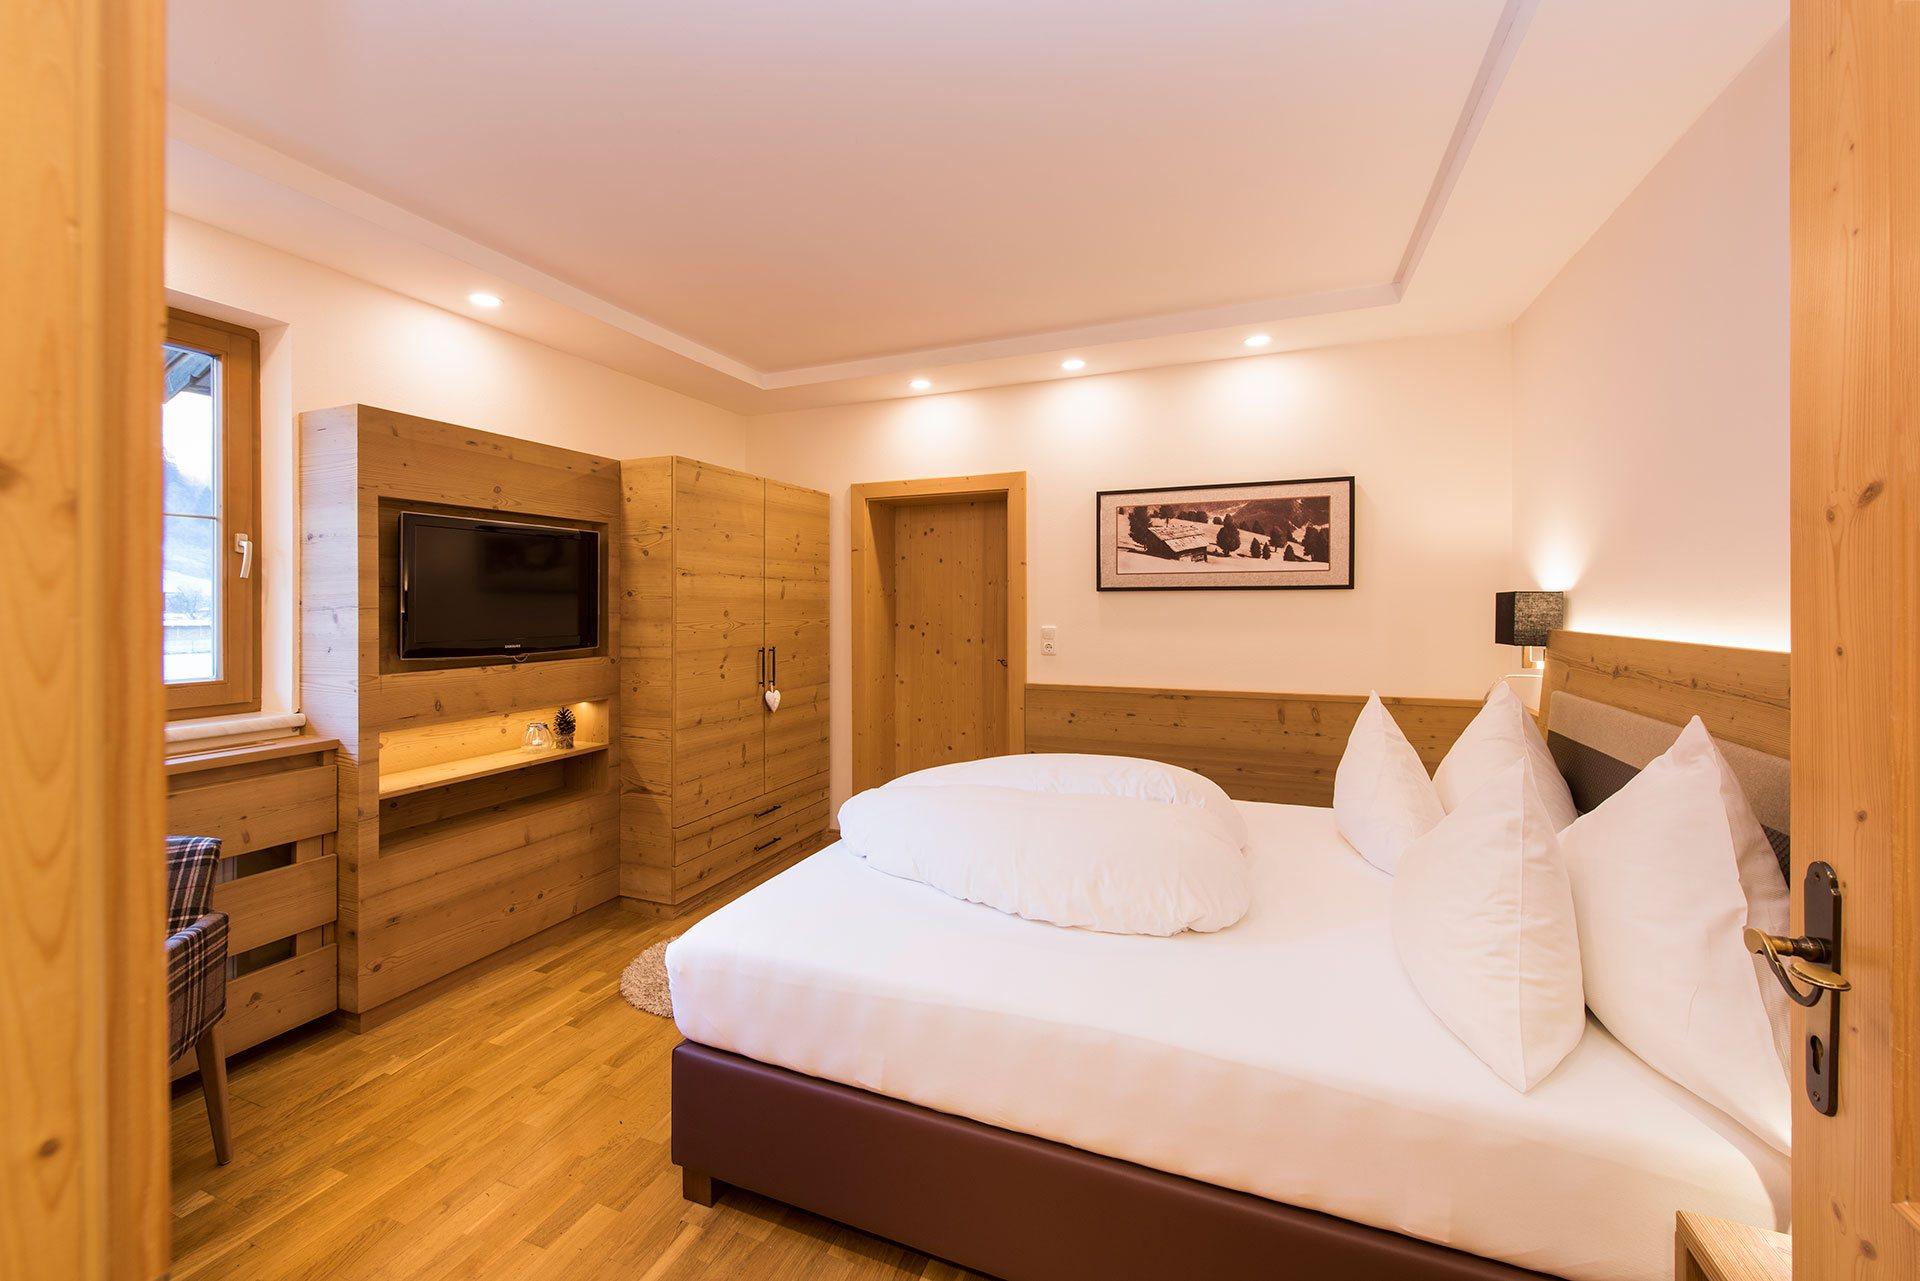 Hotel brunnenhof willkommen zimmer hotel brunnenhof in for Zimmer hotel